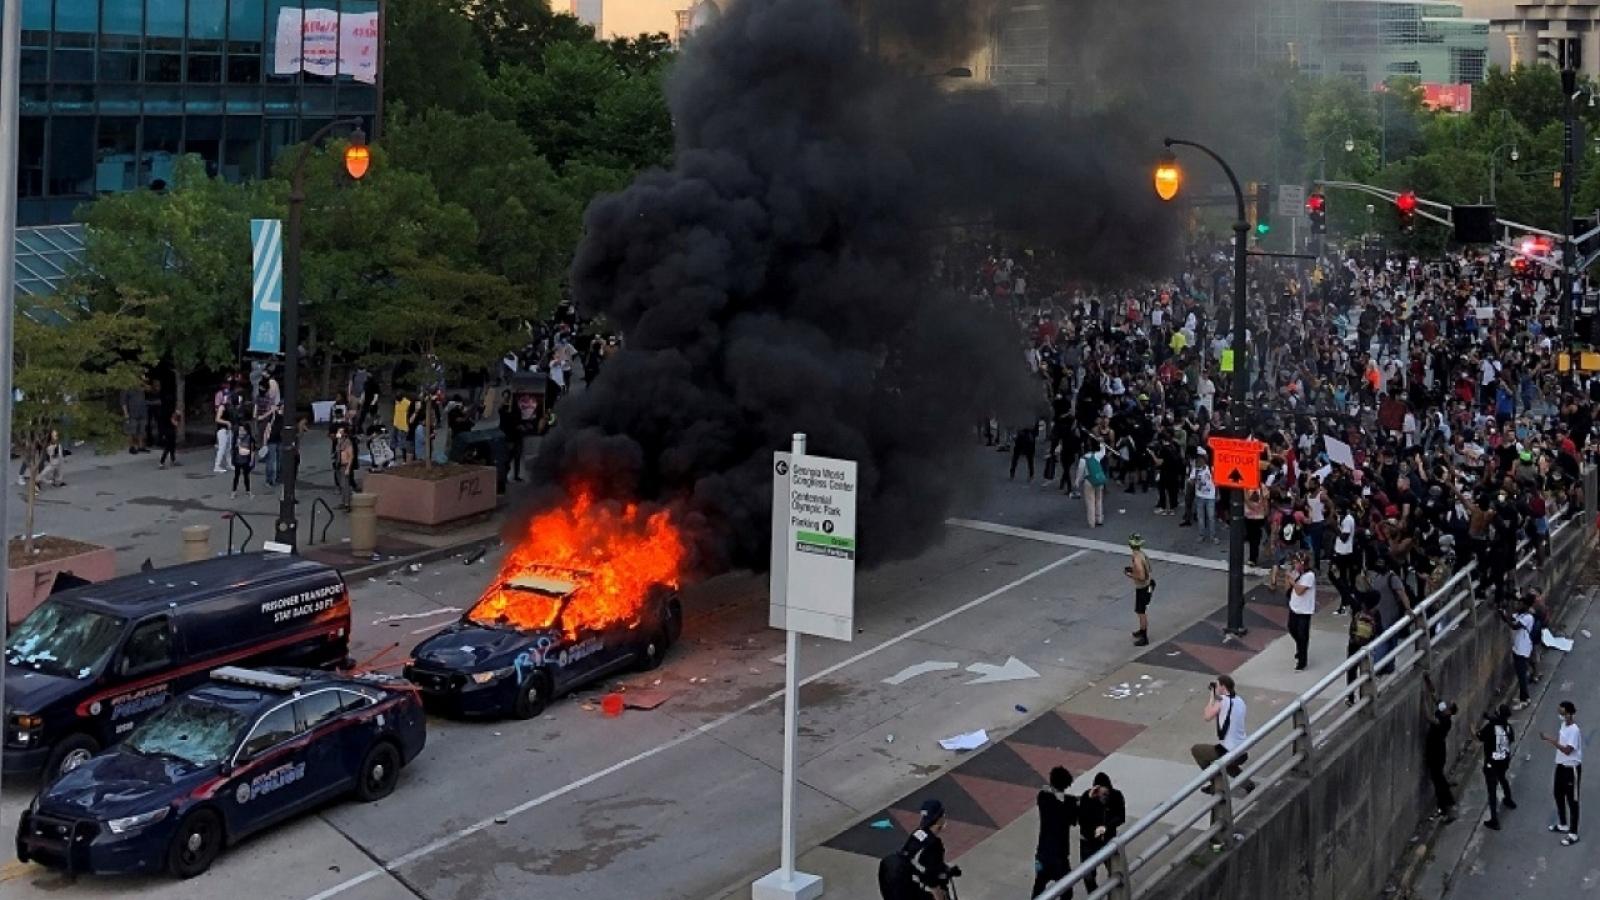 Đêm thứ 2 Mỹ chìm trong biểu tình bạo lực sau cái chết của George Floyd